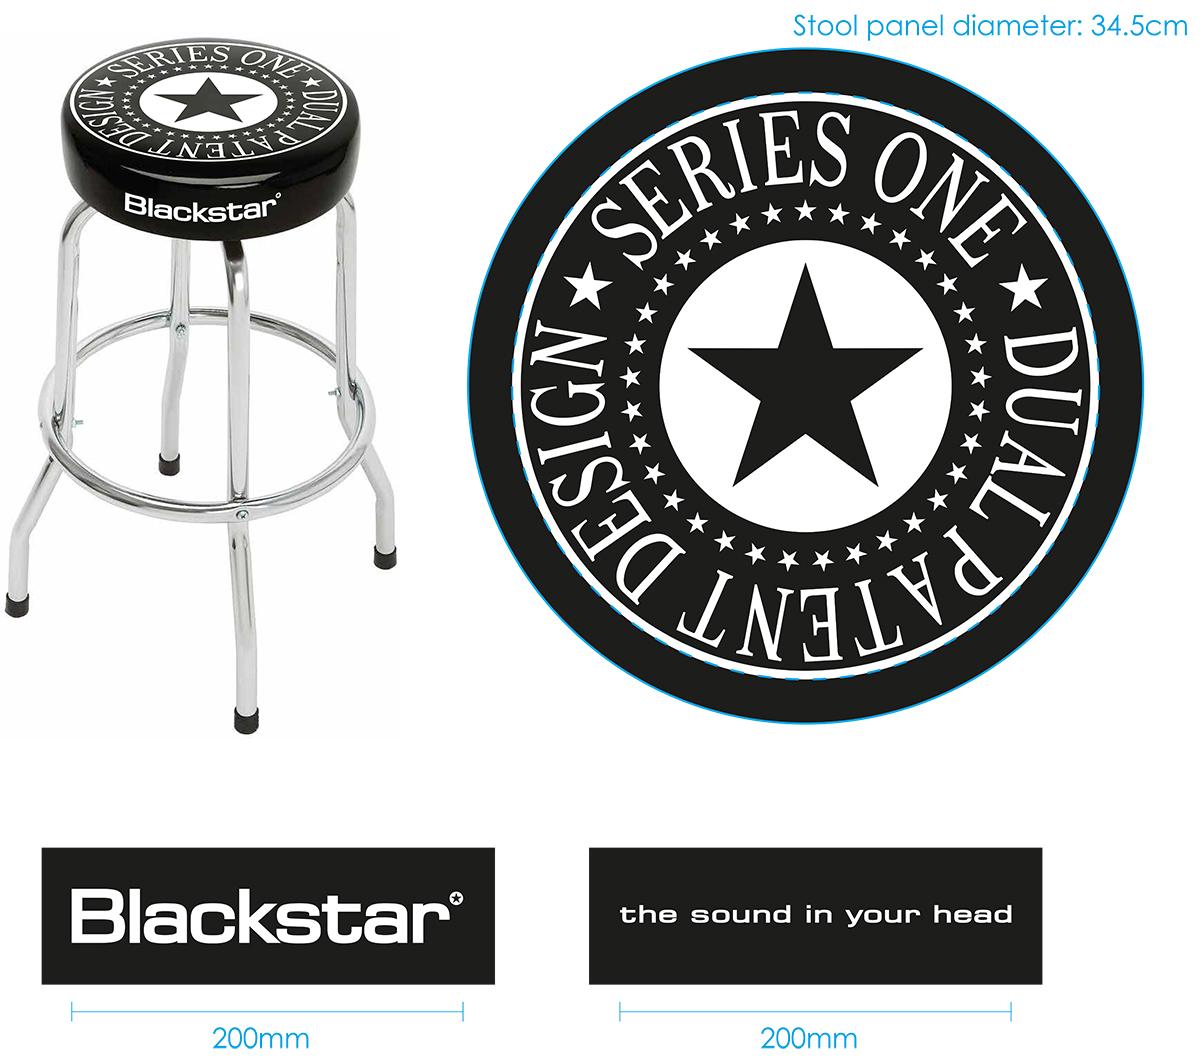 blackstar_barstool